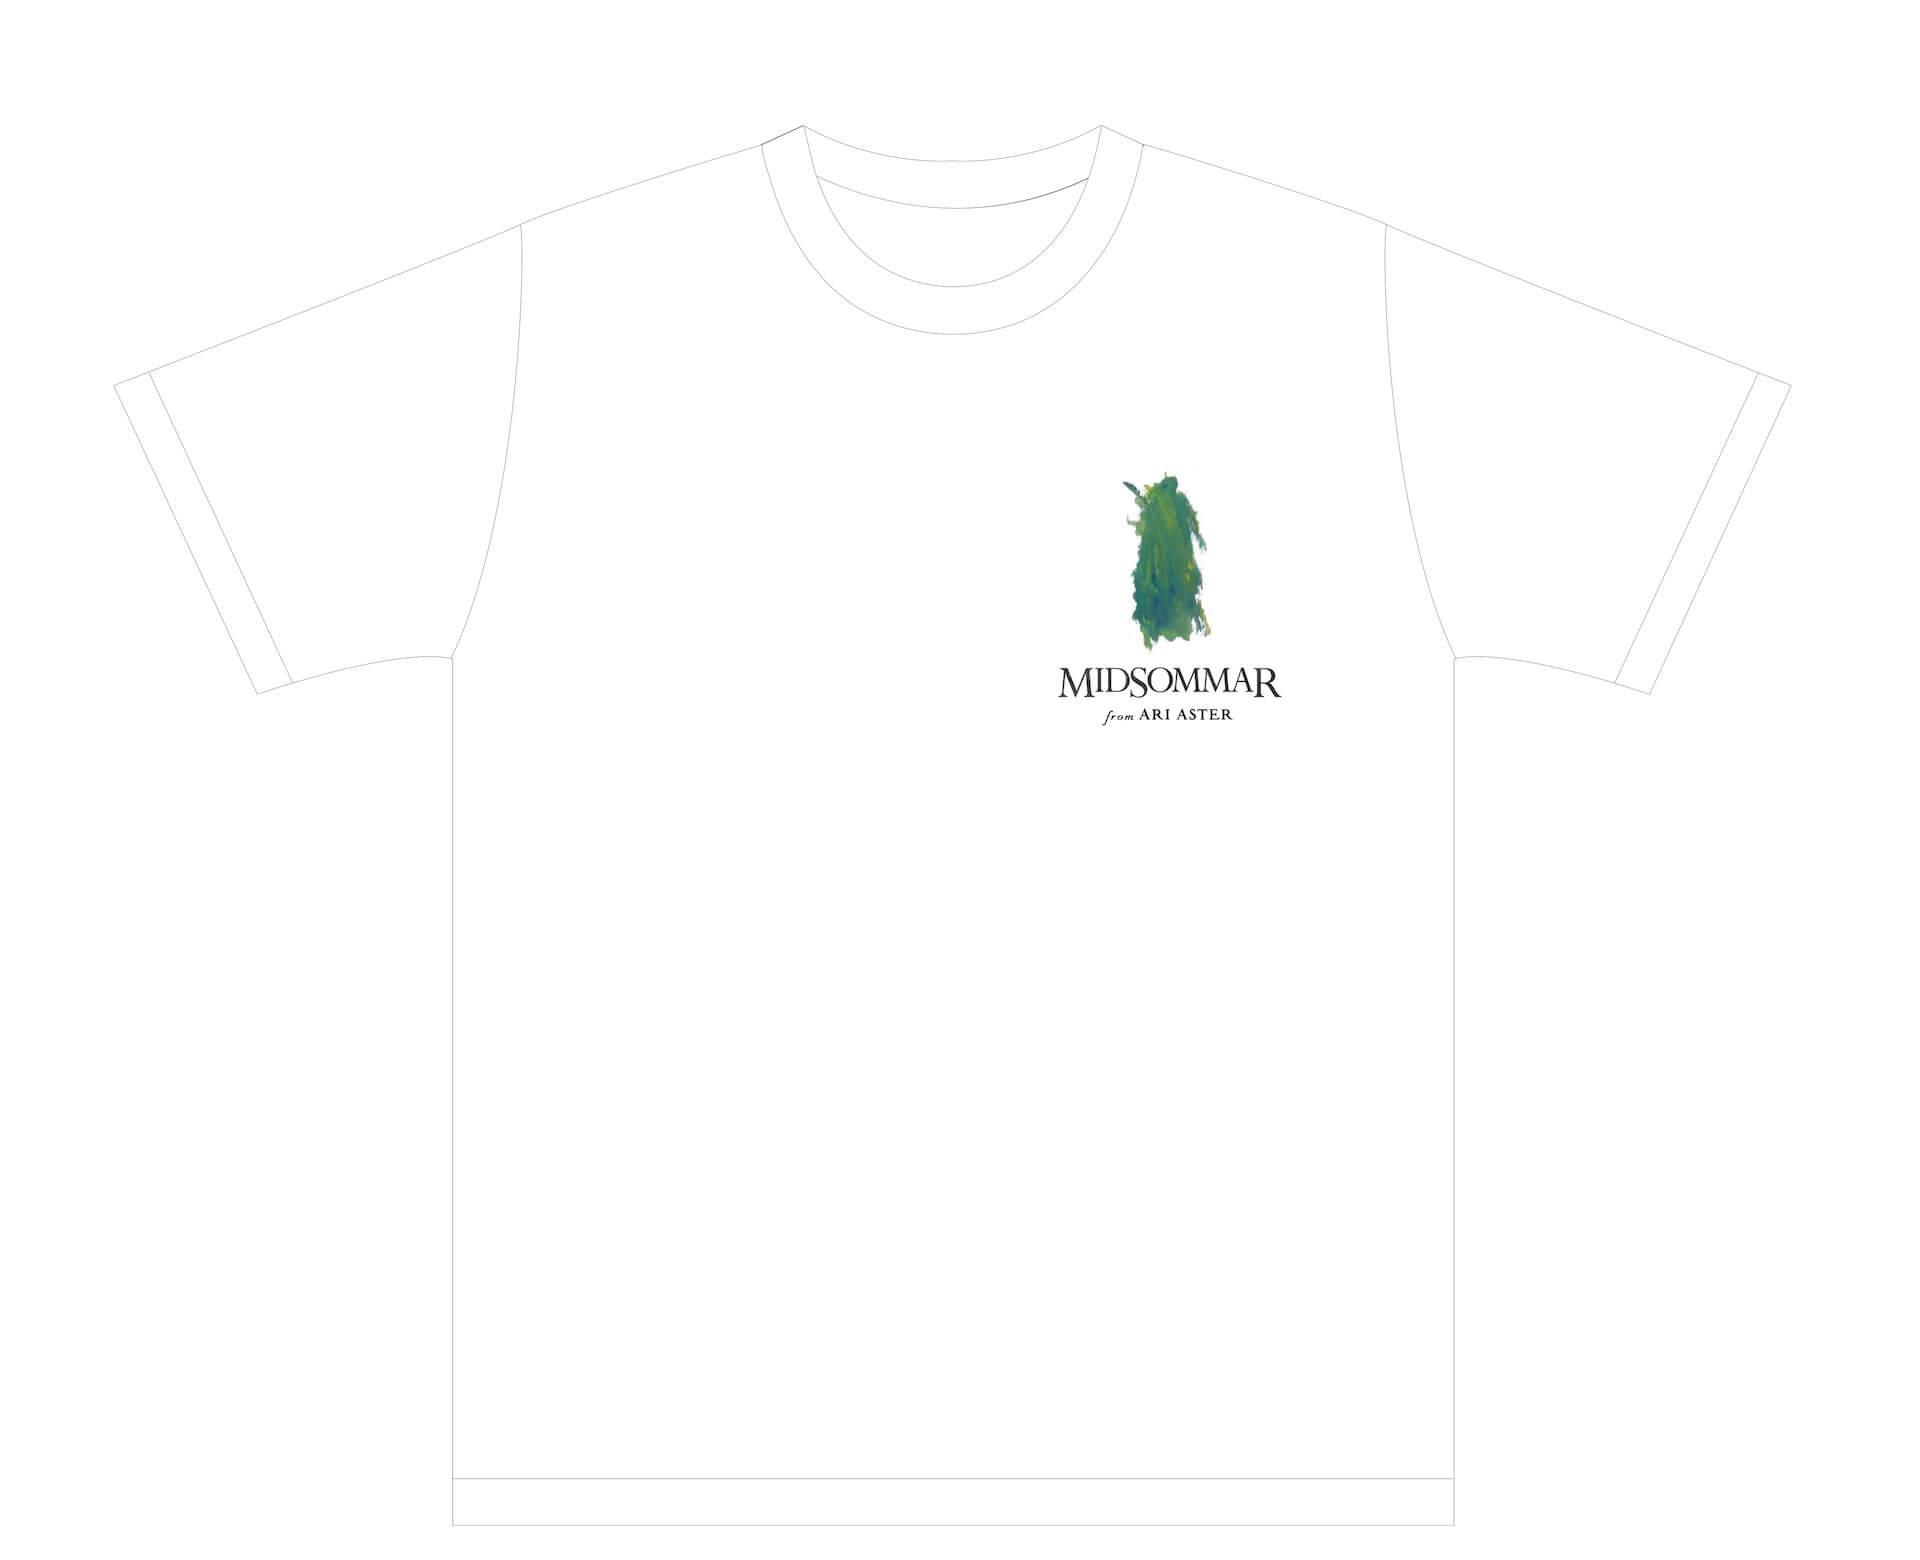 映画『ミッドサマー』公開目前!ヒグチユウコが手掛けたポスターやPOPEYEとの限定コラボTシャツプレゼントキャンペーン実施決定 film200219_midsommarfanart_05